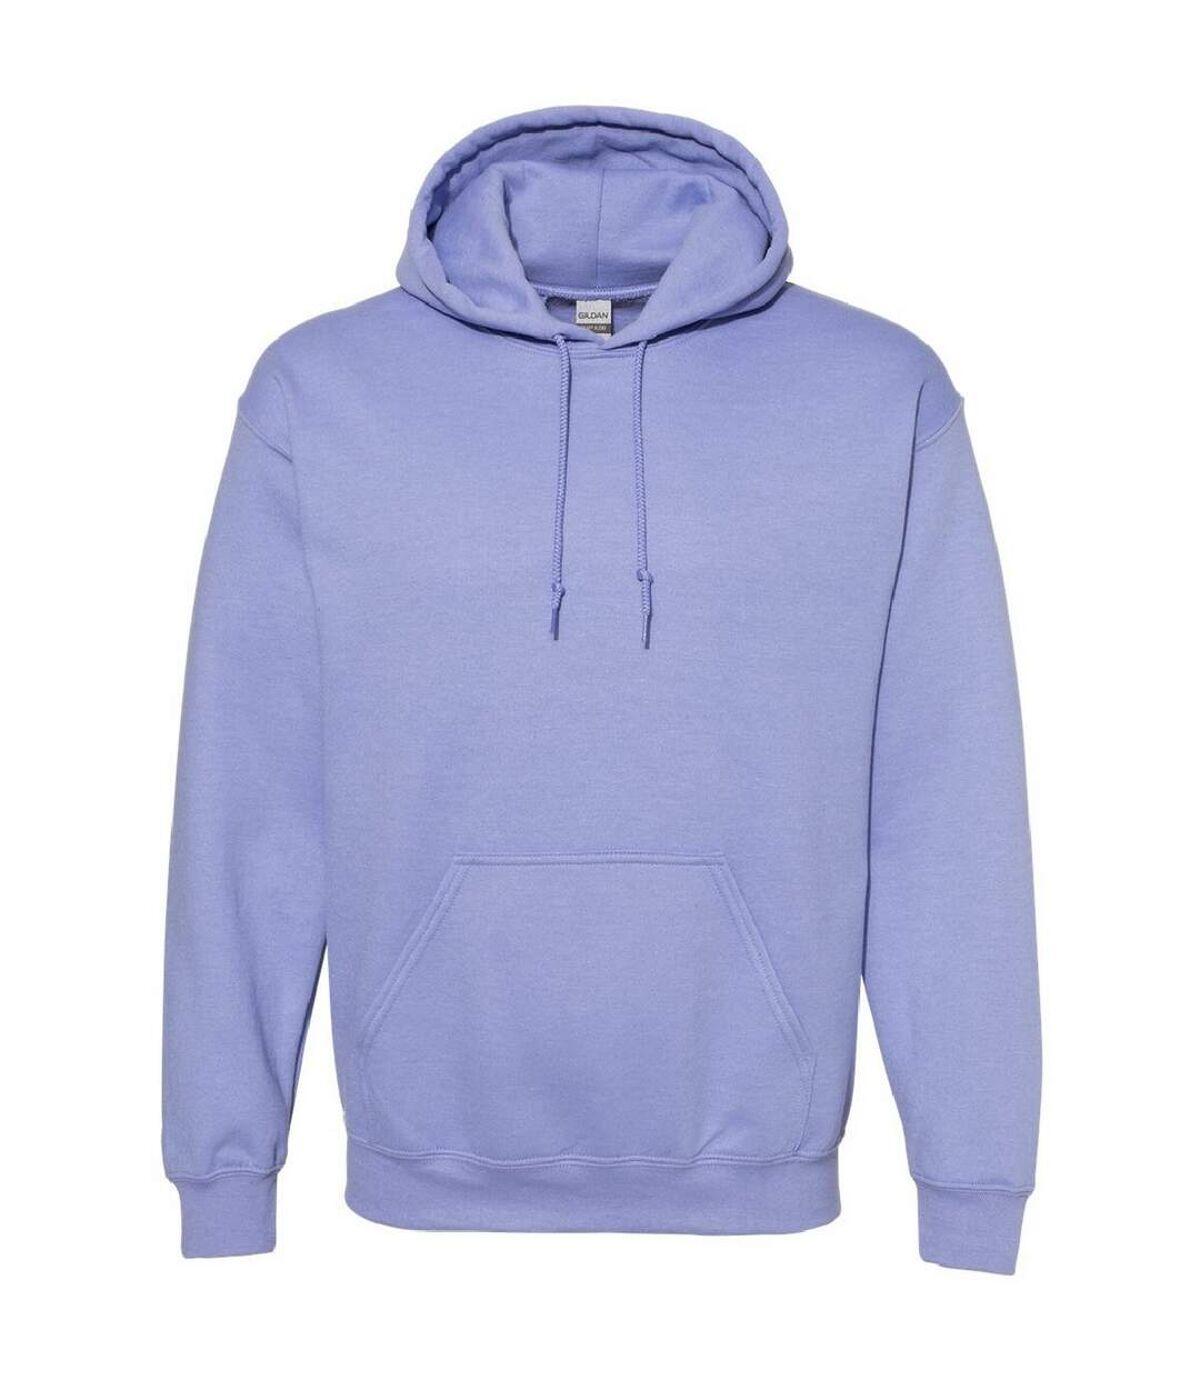 Gildan - Sweatshirt à capuche - Unisexe (Violet clair) - UTBC468